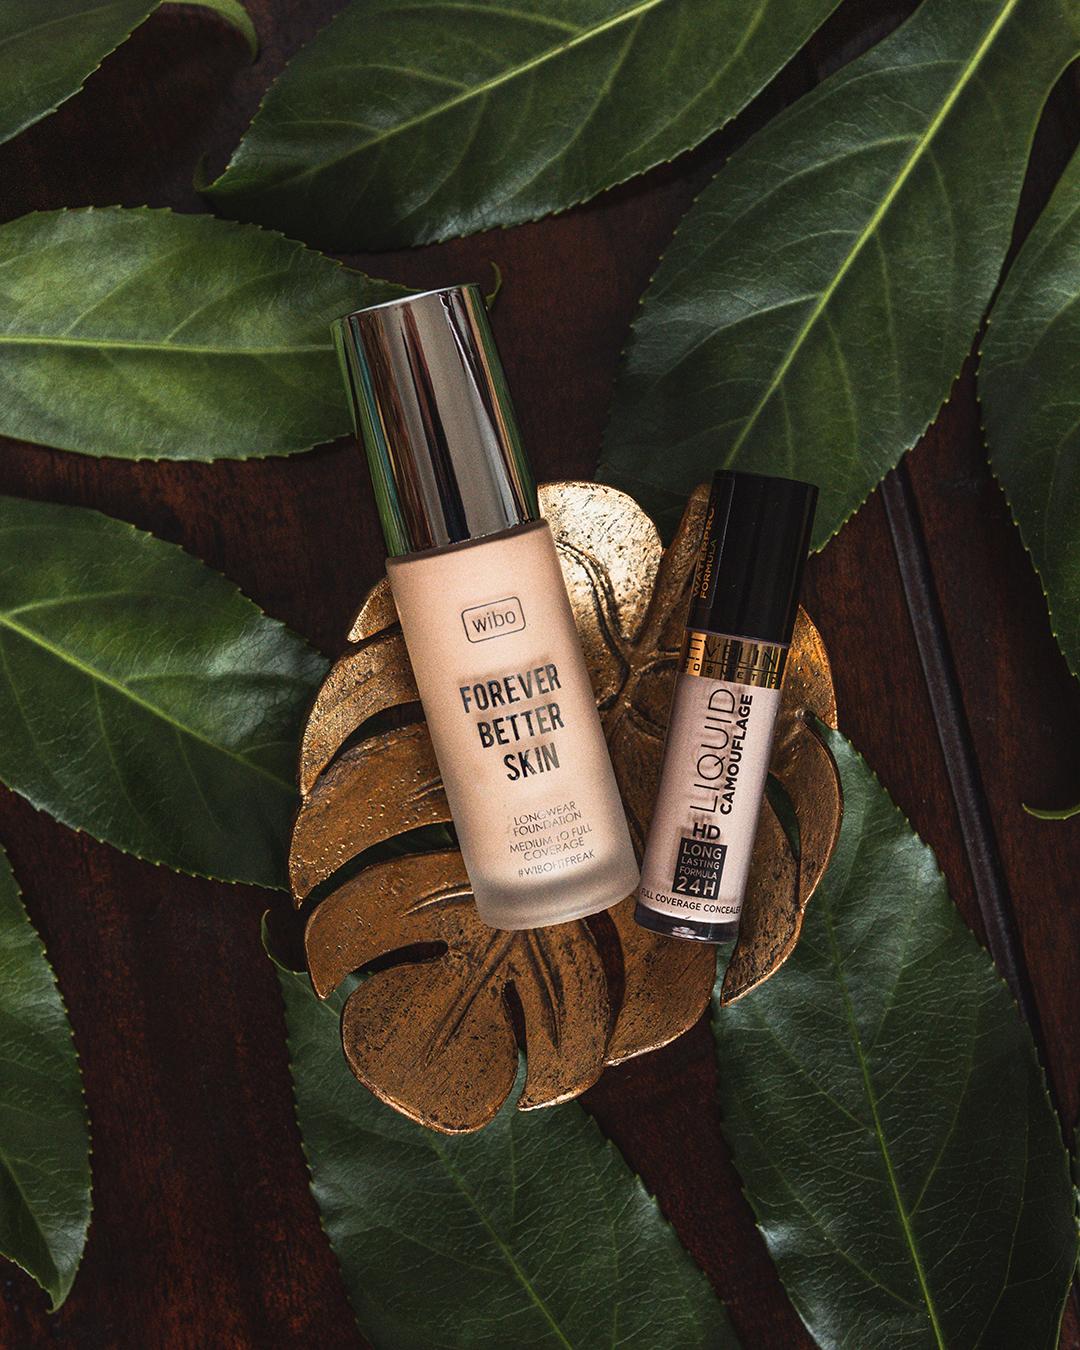 Ulubione kosmetyki do makijażu Wibo Forever Better Skin, Eveline Kryjacy korektor Liquid Camouflage